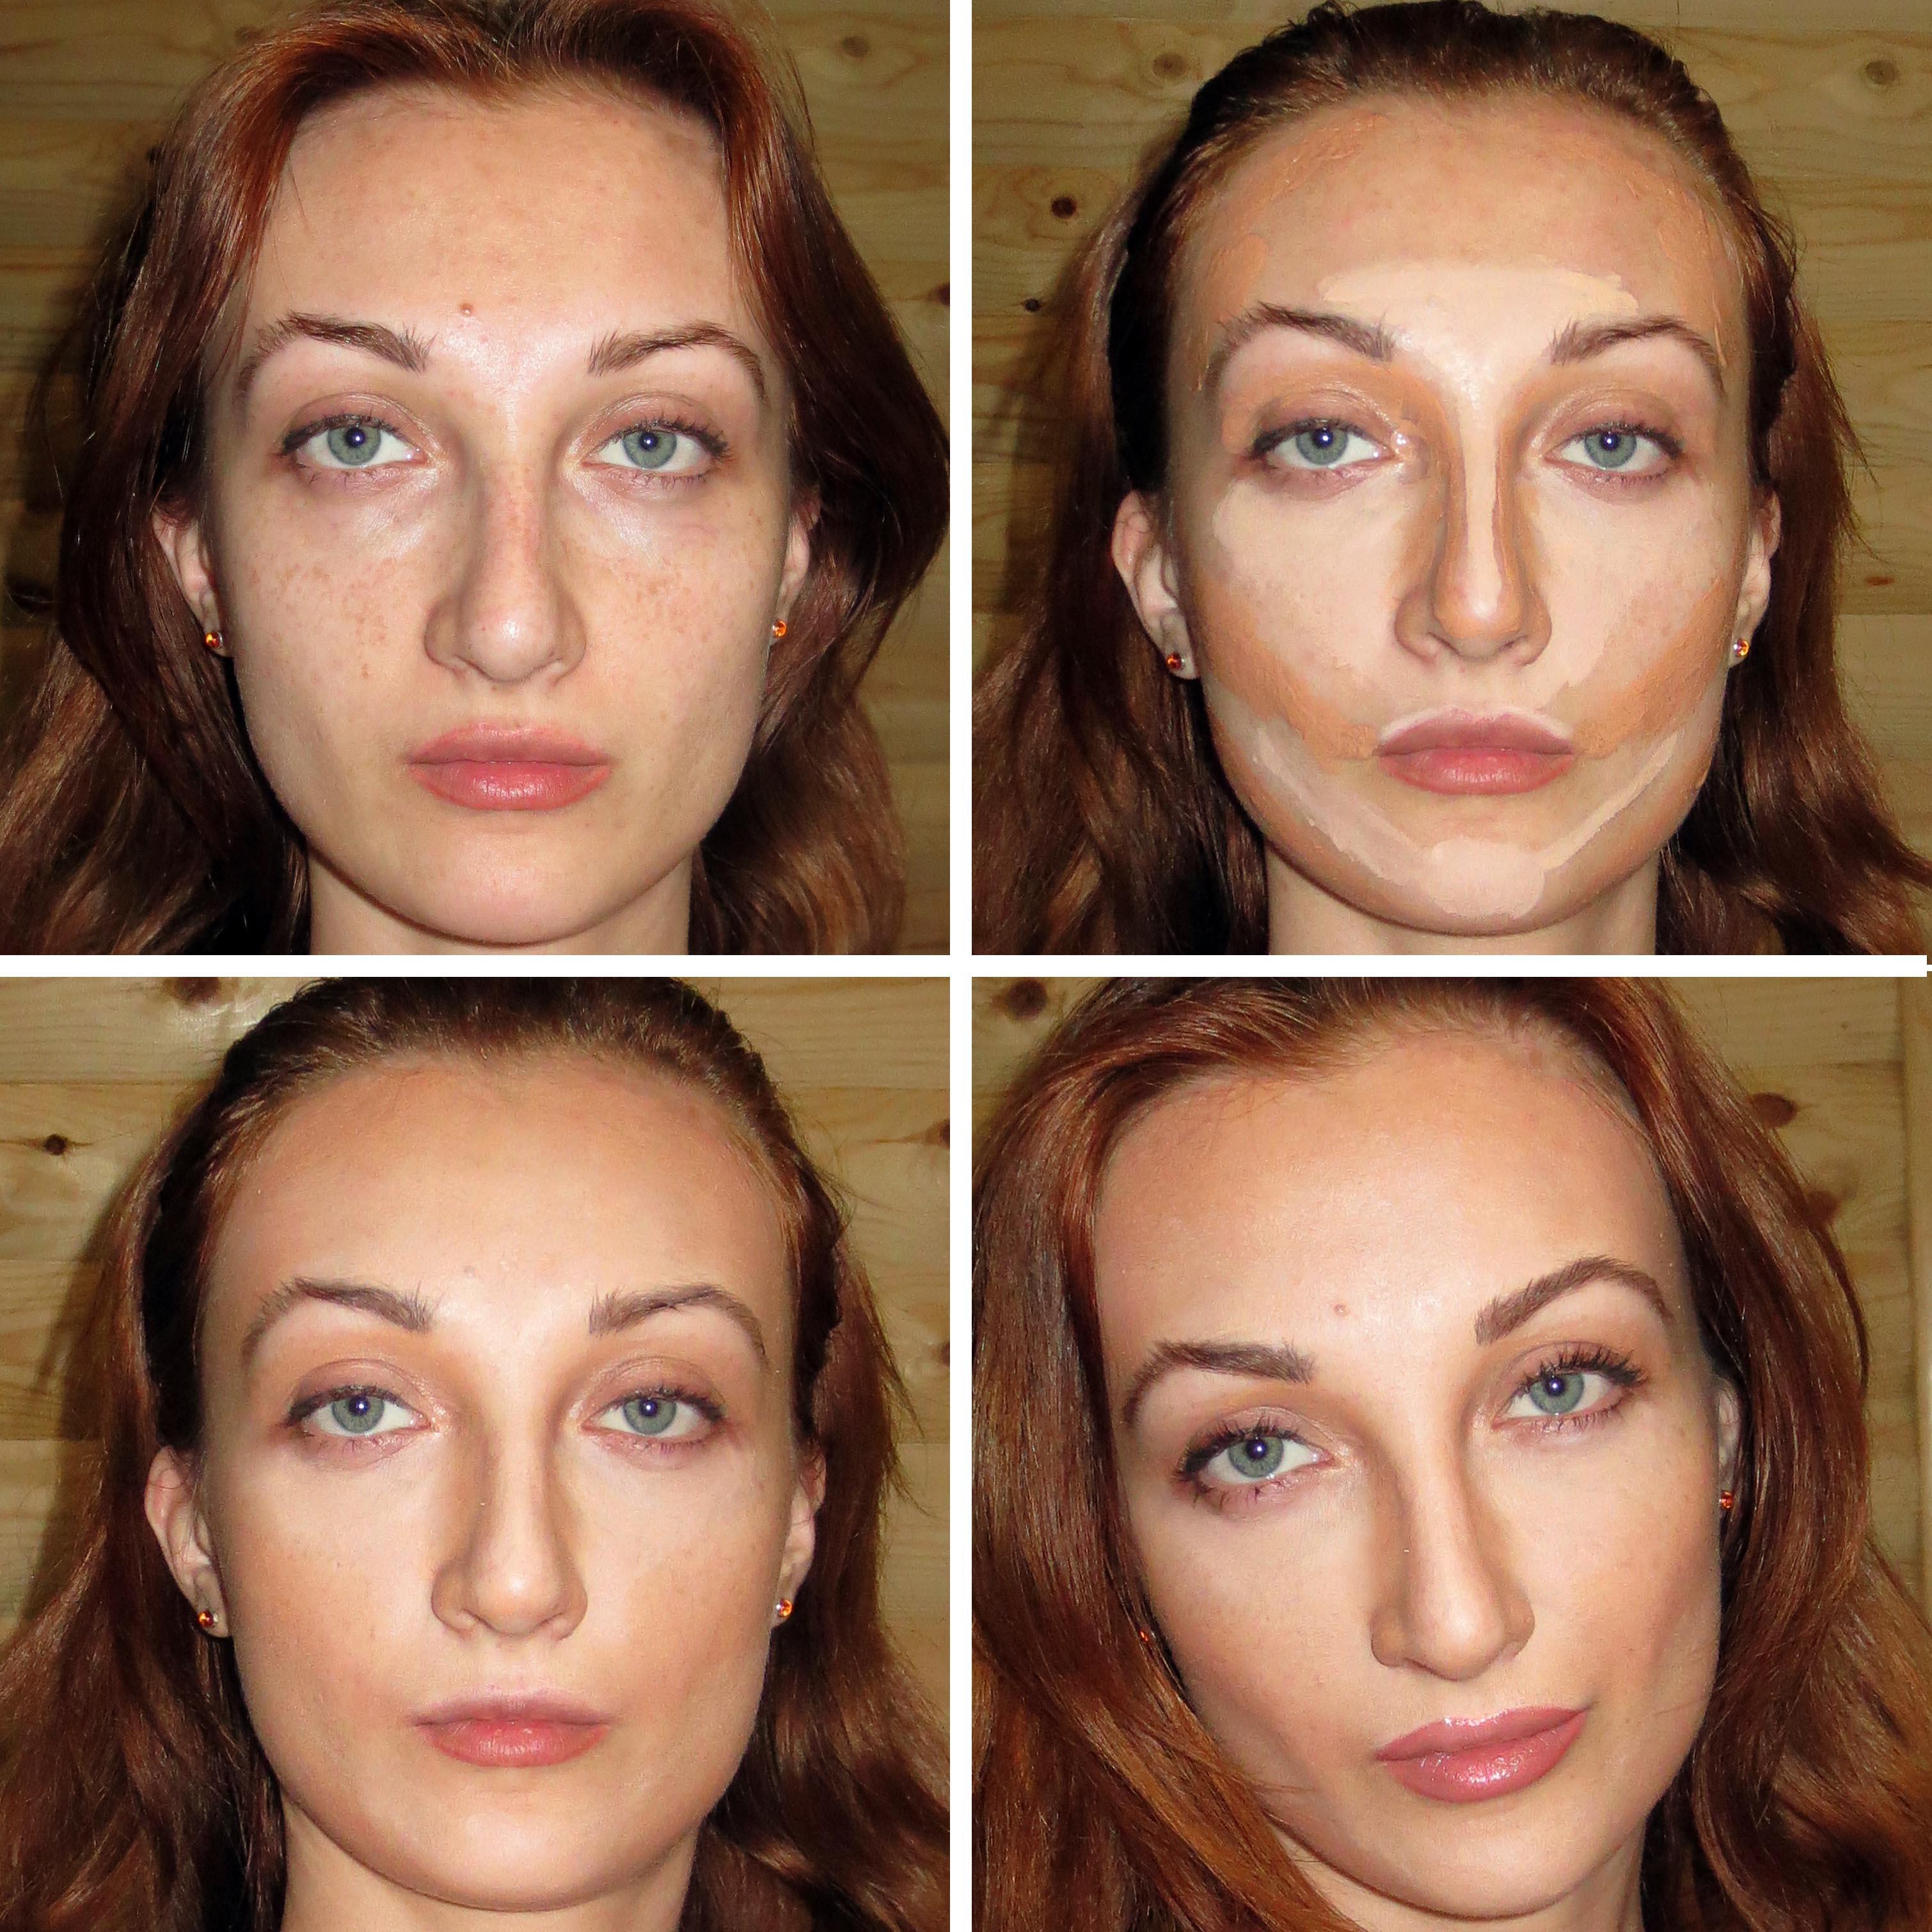 Существуют ли способы сделать нос тоньше без операции? 80